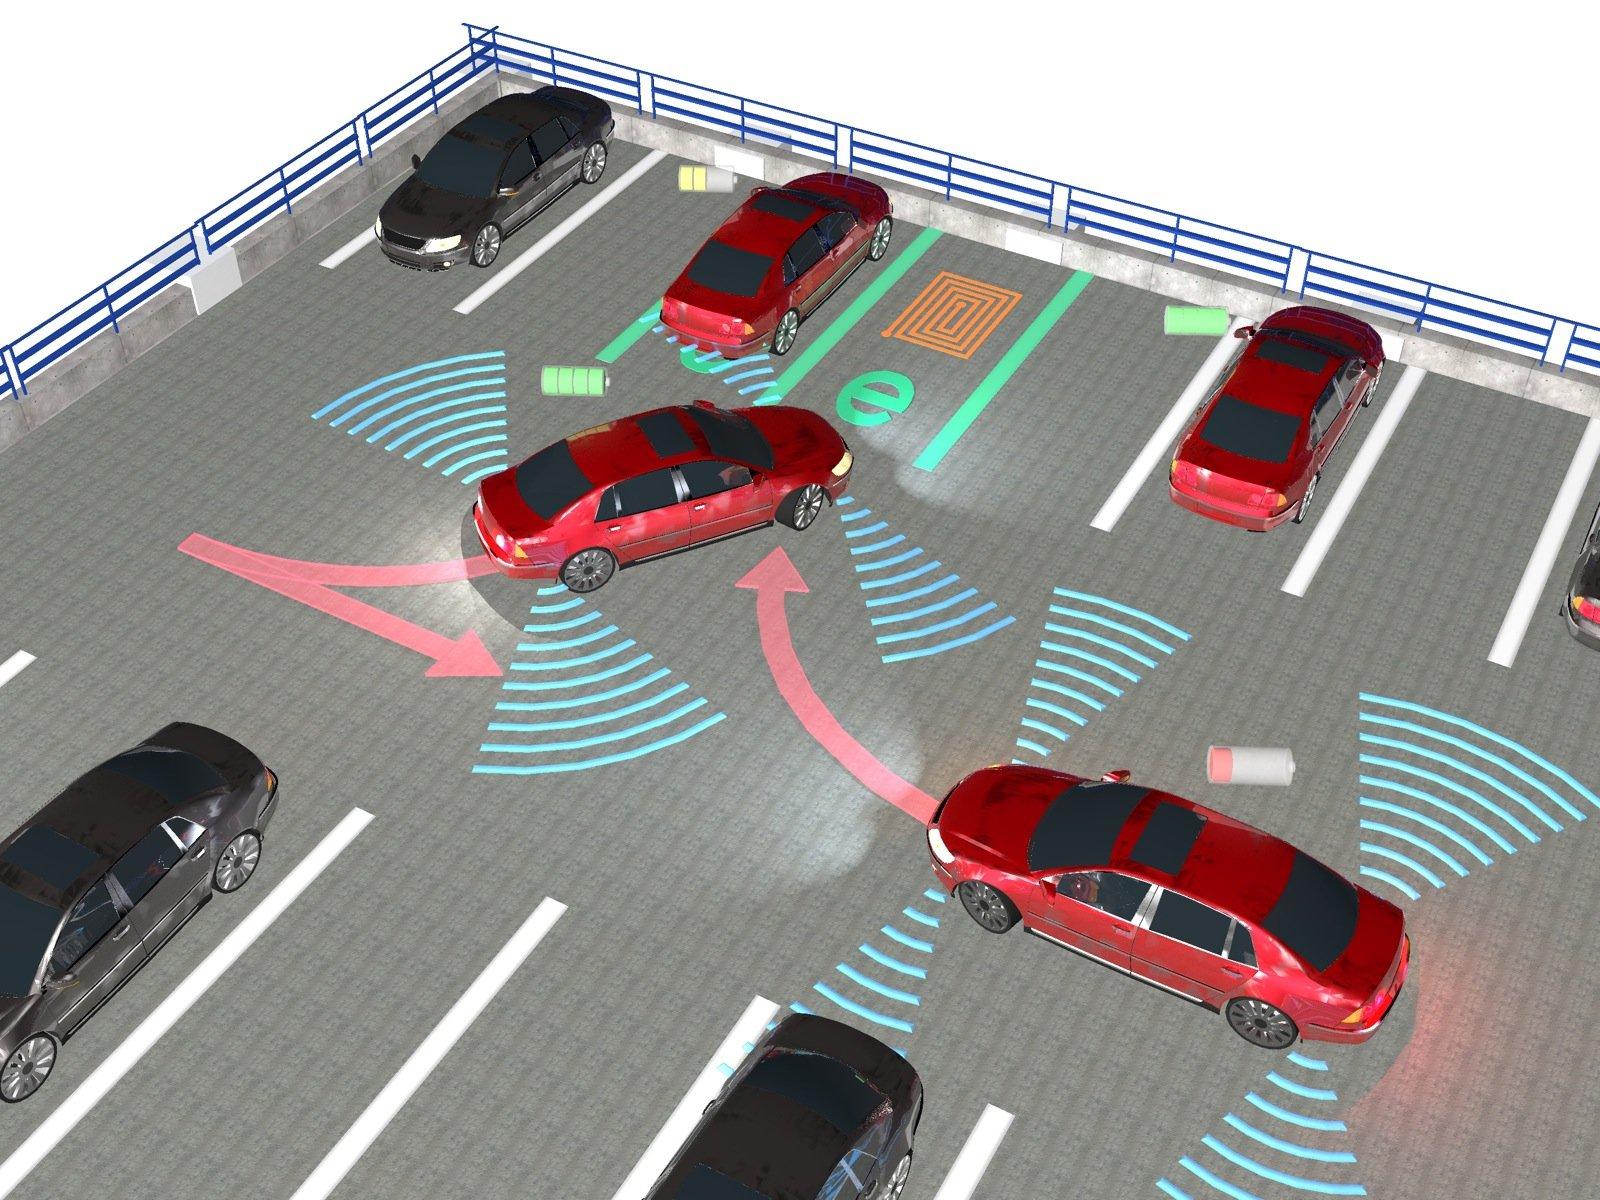 Ein intelligentes Parkhaus organisiert das Laden unterschiedlicher Fahrzeuge.